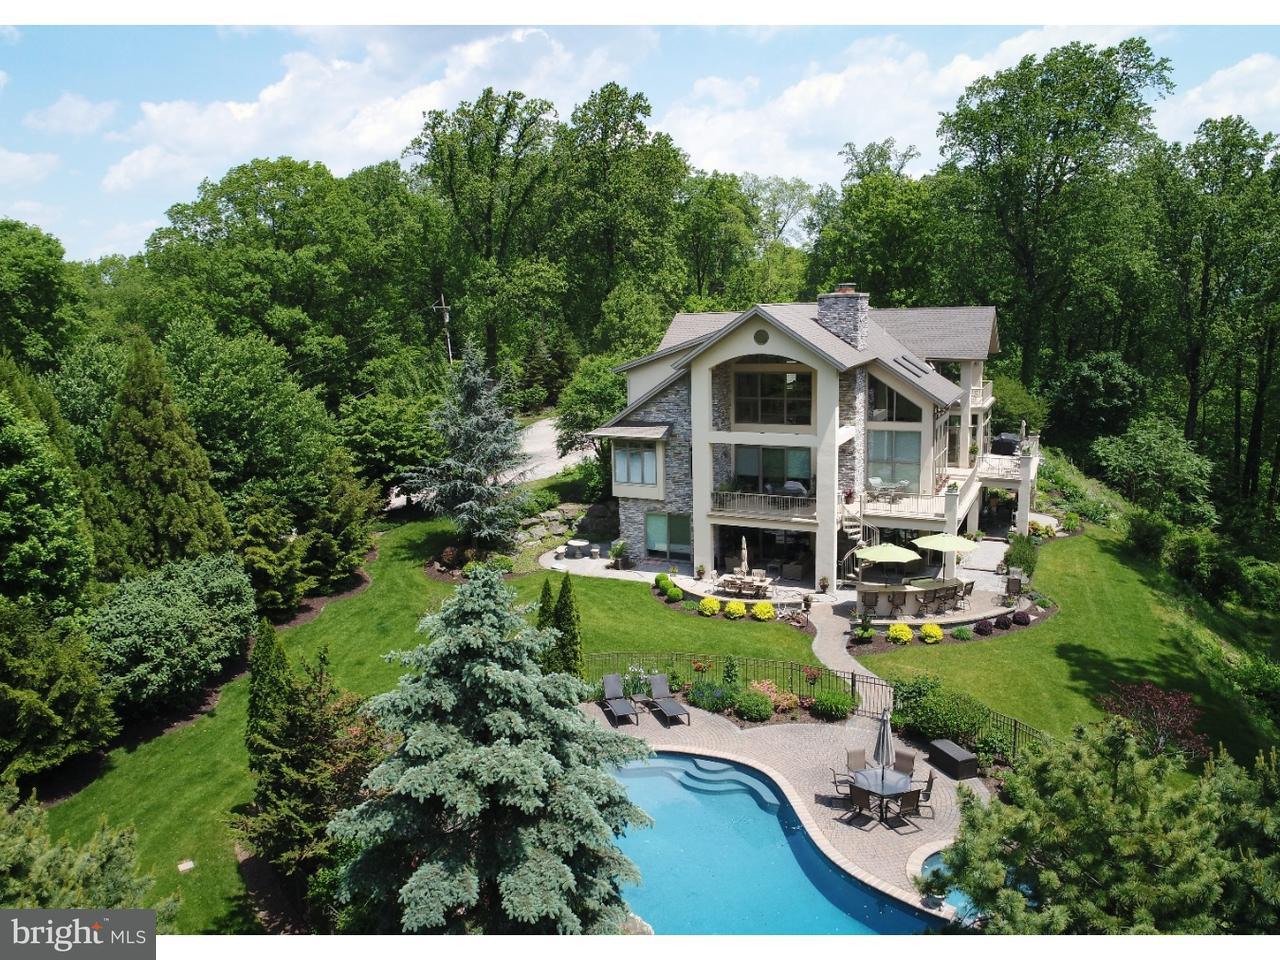 Частный односемейный дом для того Продажа на 601 PAXINOSA RD E Easton, Пенсильвания 18040 Соединенные ШтатыВ/Около: Forks Township